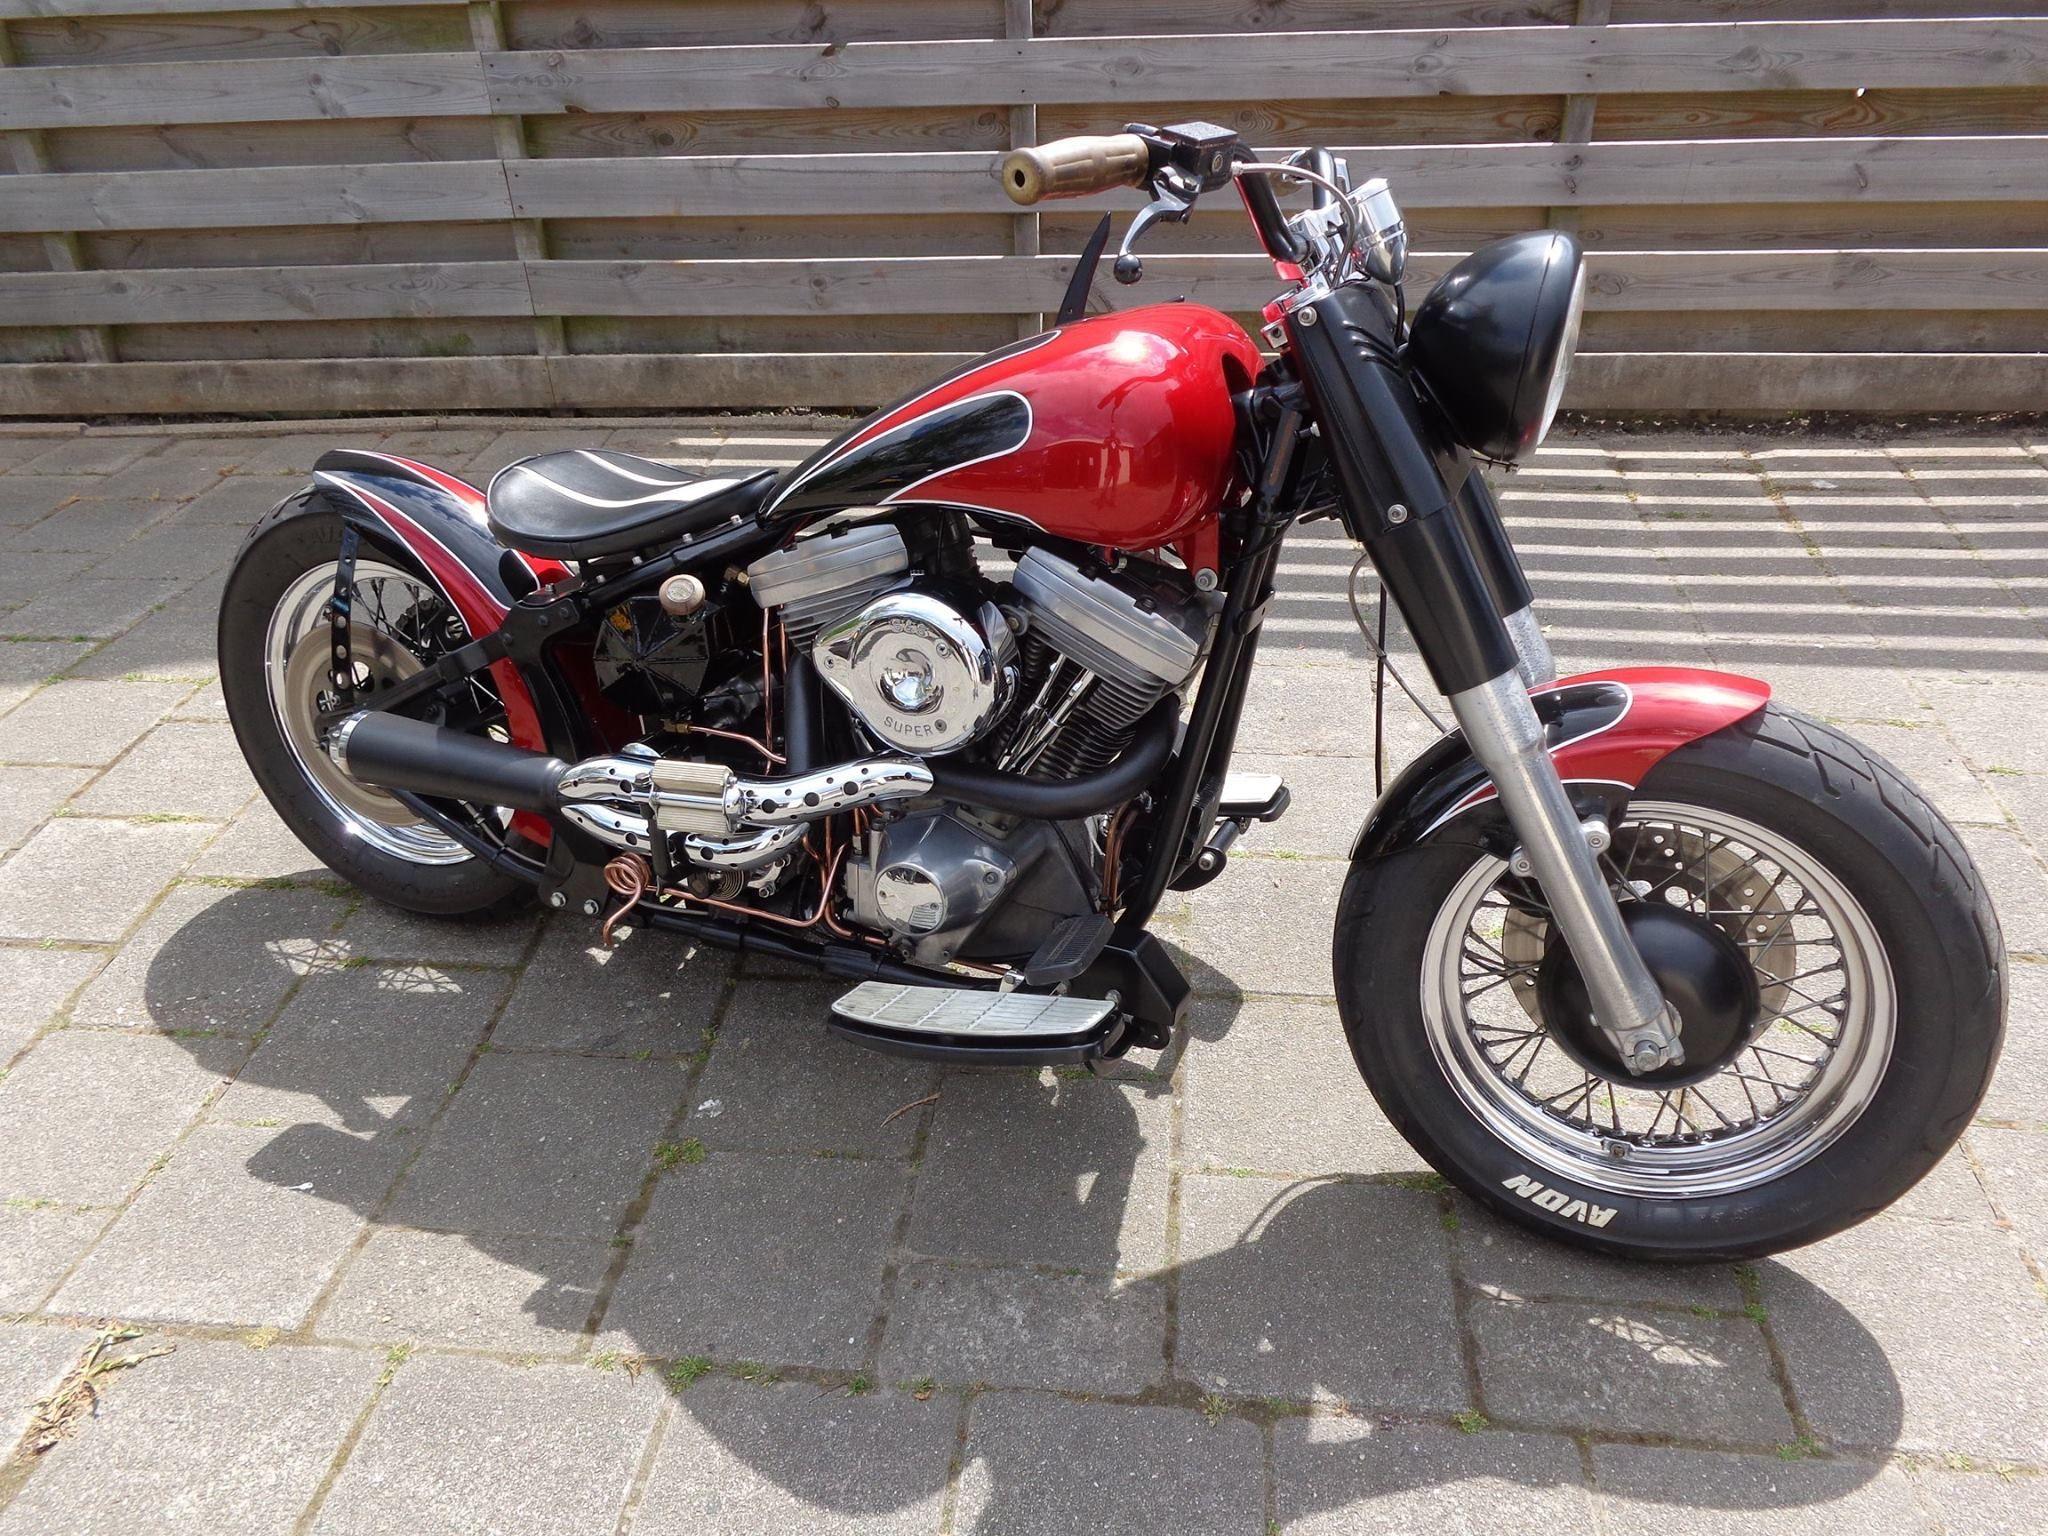 Harley-Davidson Custommade #tekoop #aangeboden in de groep van Motortreffer #motorentekoopmt #motortreffer #harley #harleydavidson #harleycustom #harleydavidsoncustom